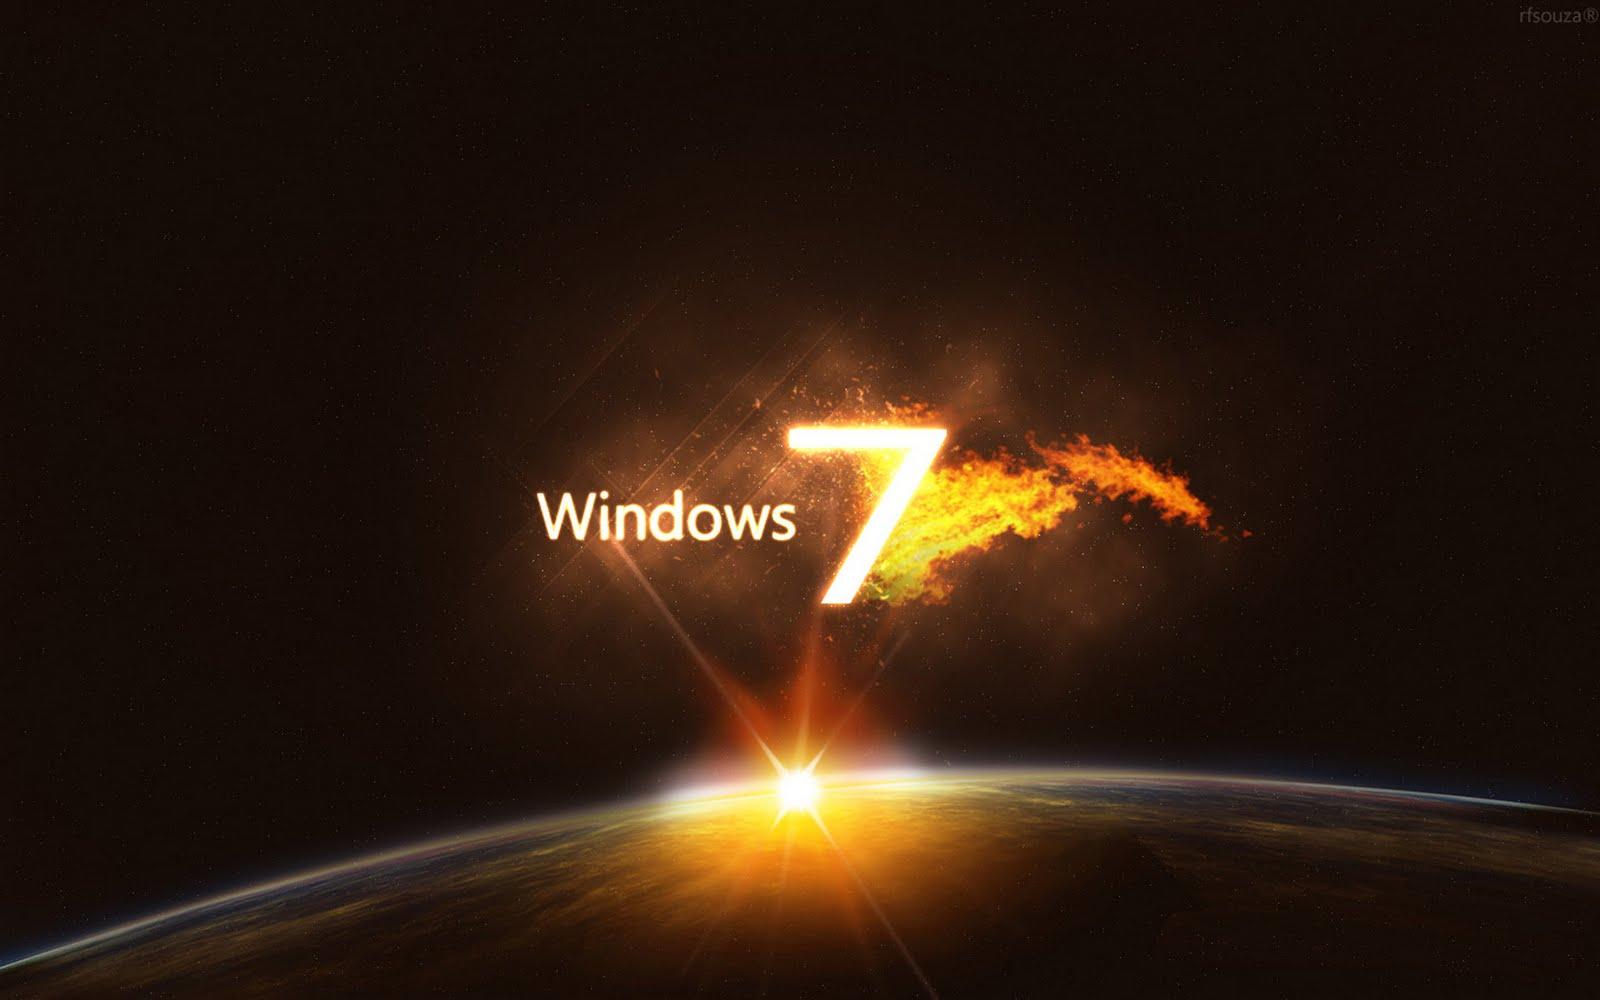 http://4.bp.blogspot.com/-aARyXdHv2dY/Til5WVryg0I/AAAAAAAABc0/fJgWj0wF_dw/s1600/Wallpaper+windows+7+ultimate1.jpg